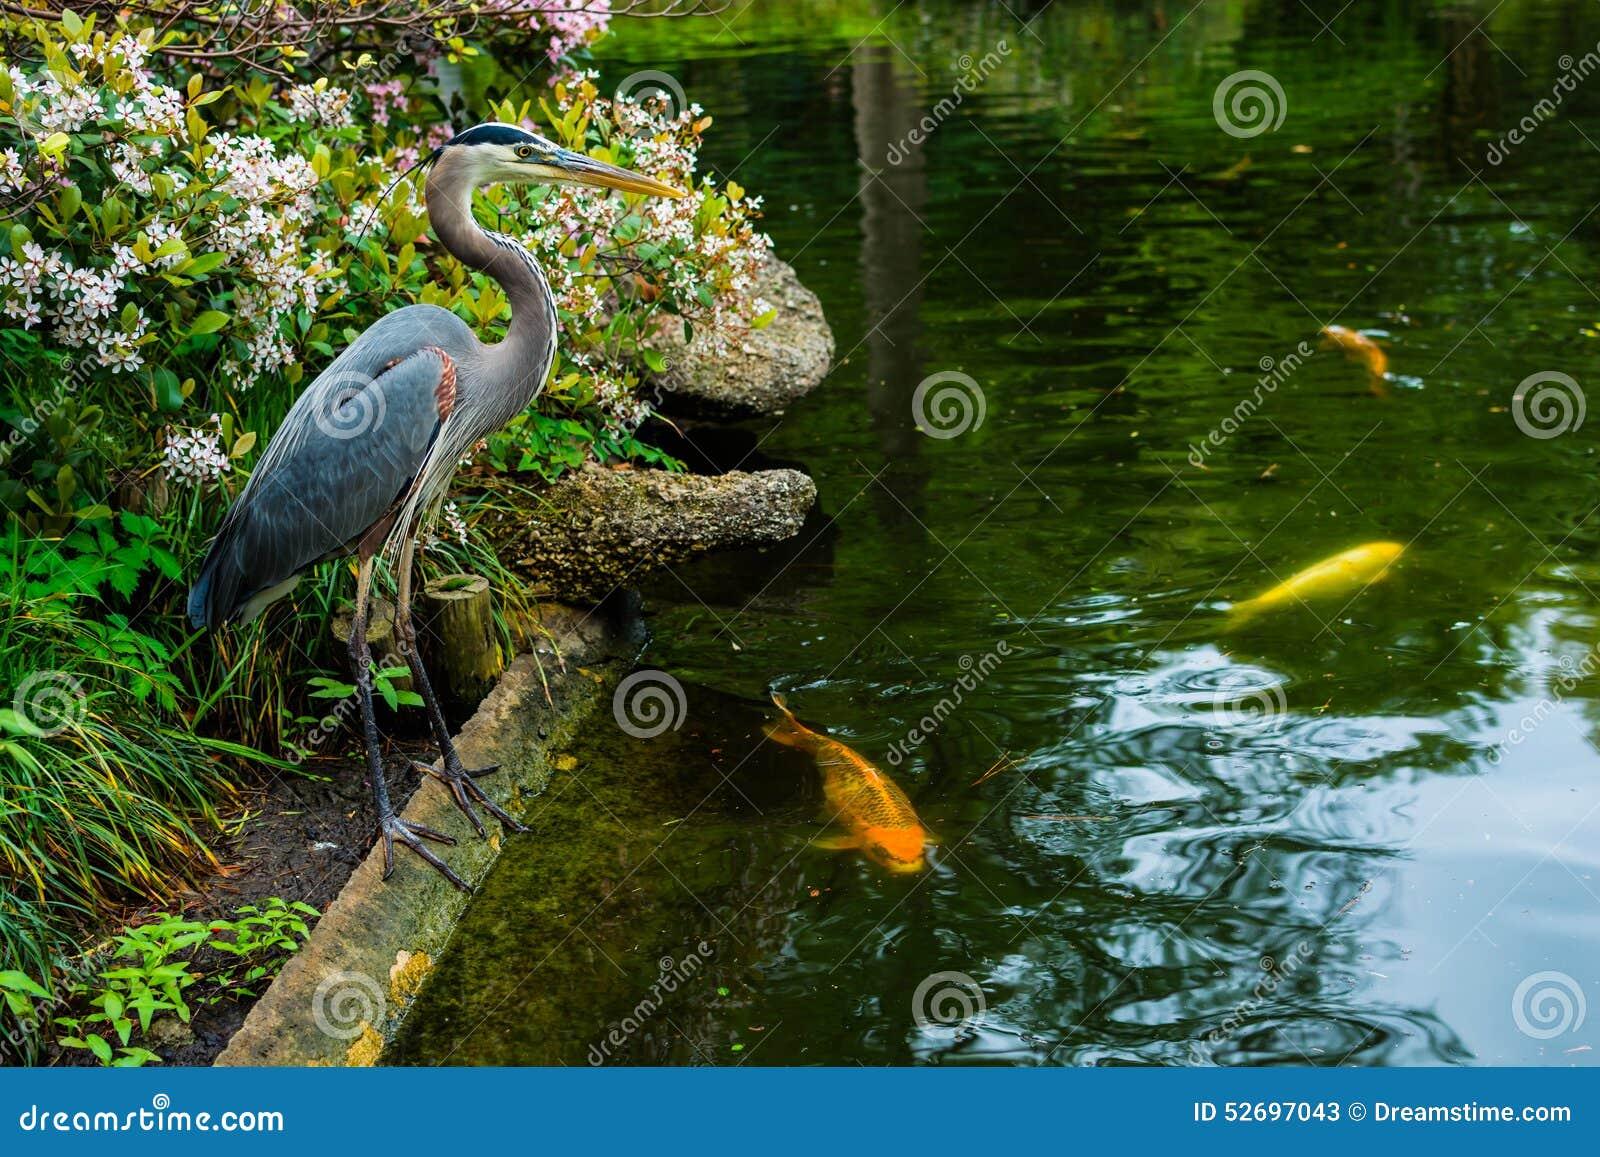 Garza y koi en el estanque de peces japon s foto de for Estanque peces koi